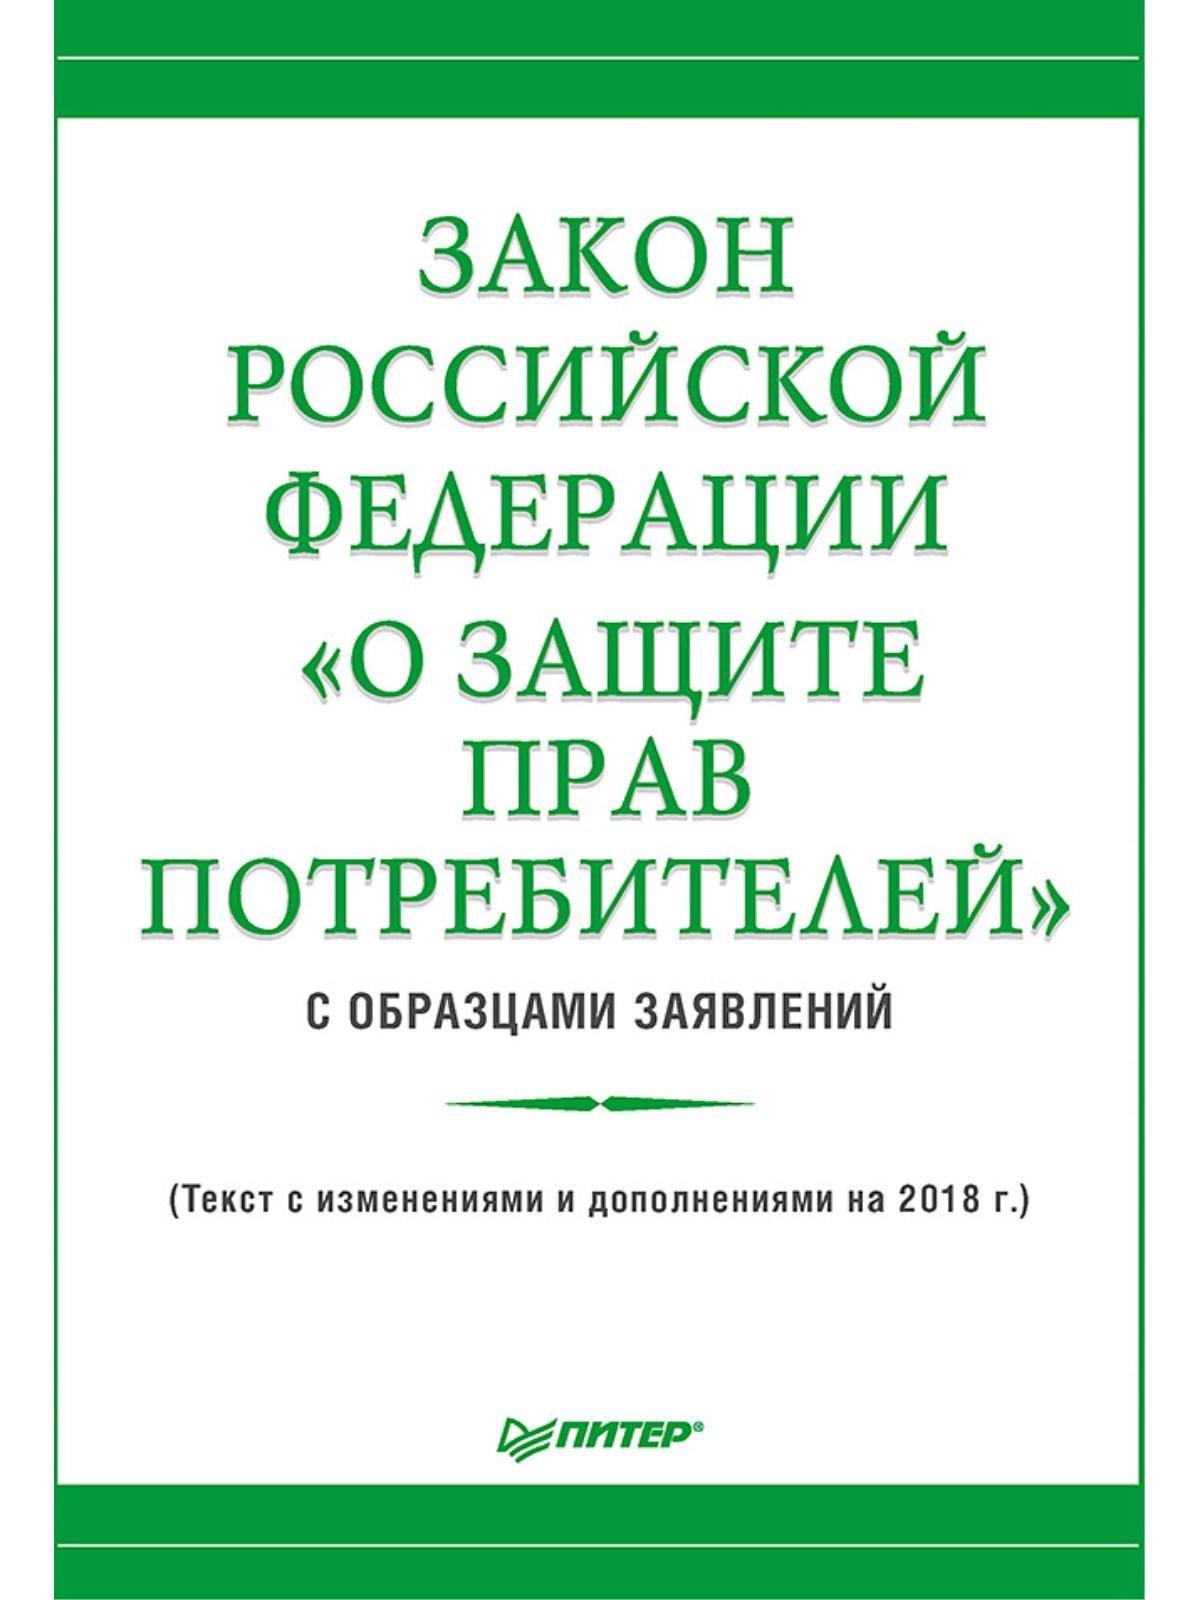 Рогожин М Ю Закон Российской Федерации «О защите прав потребителей» с образцами заявлений закон российской федерации о защите прав потребителей с образцами заявлений на 2021 год